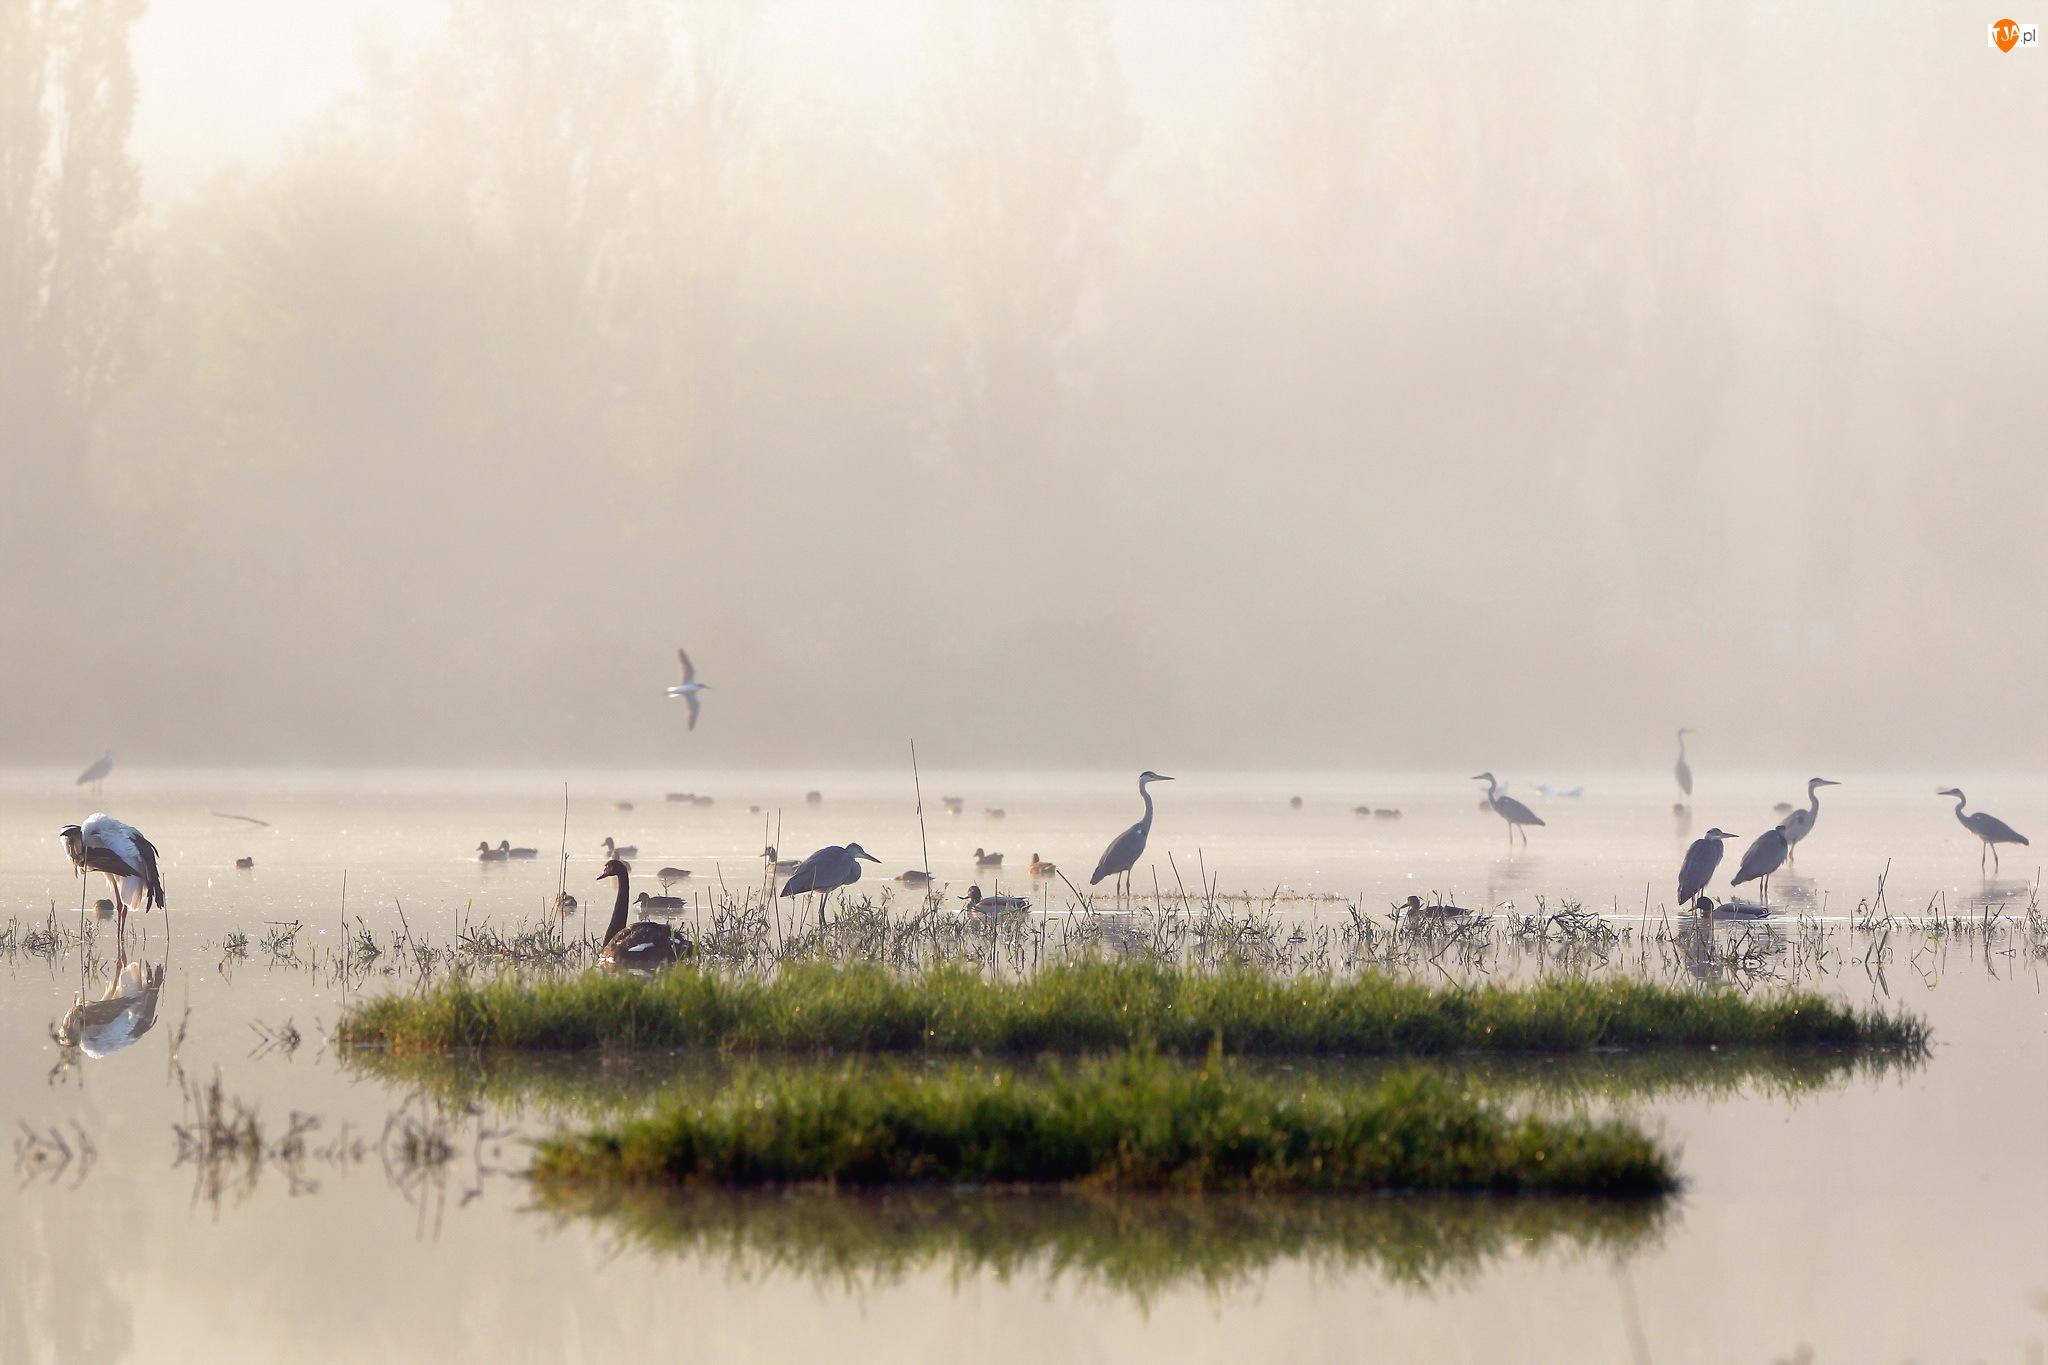 Kaczki, Jezioro, Ptaki, Mgła, Czaple